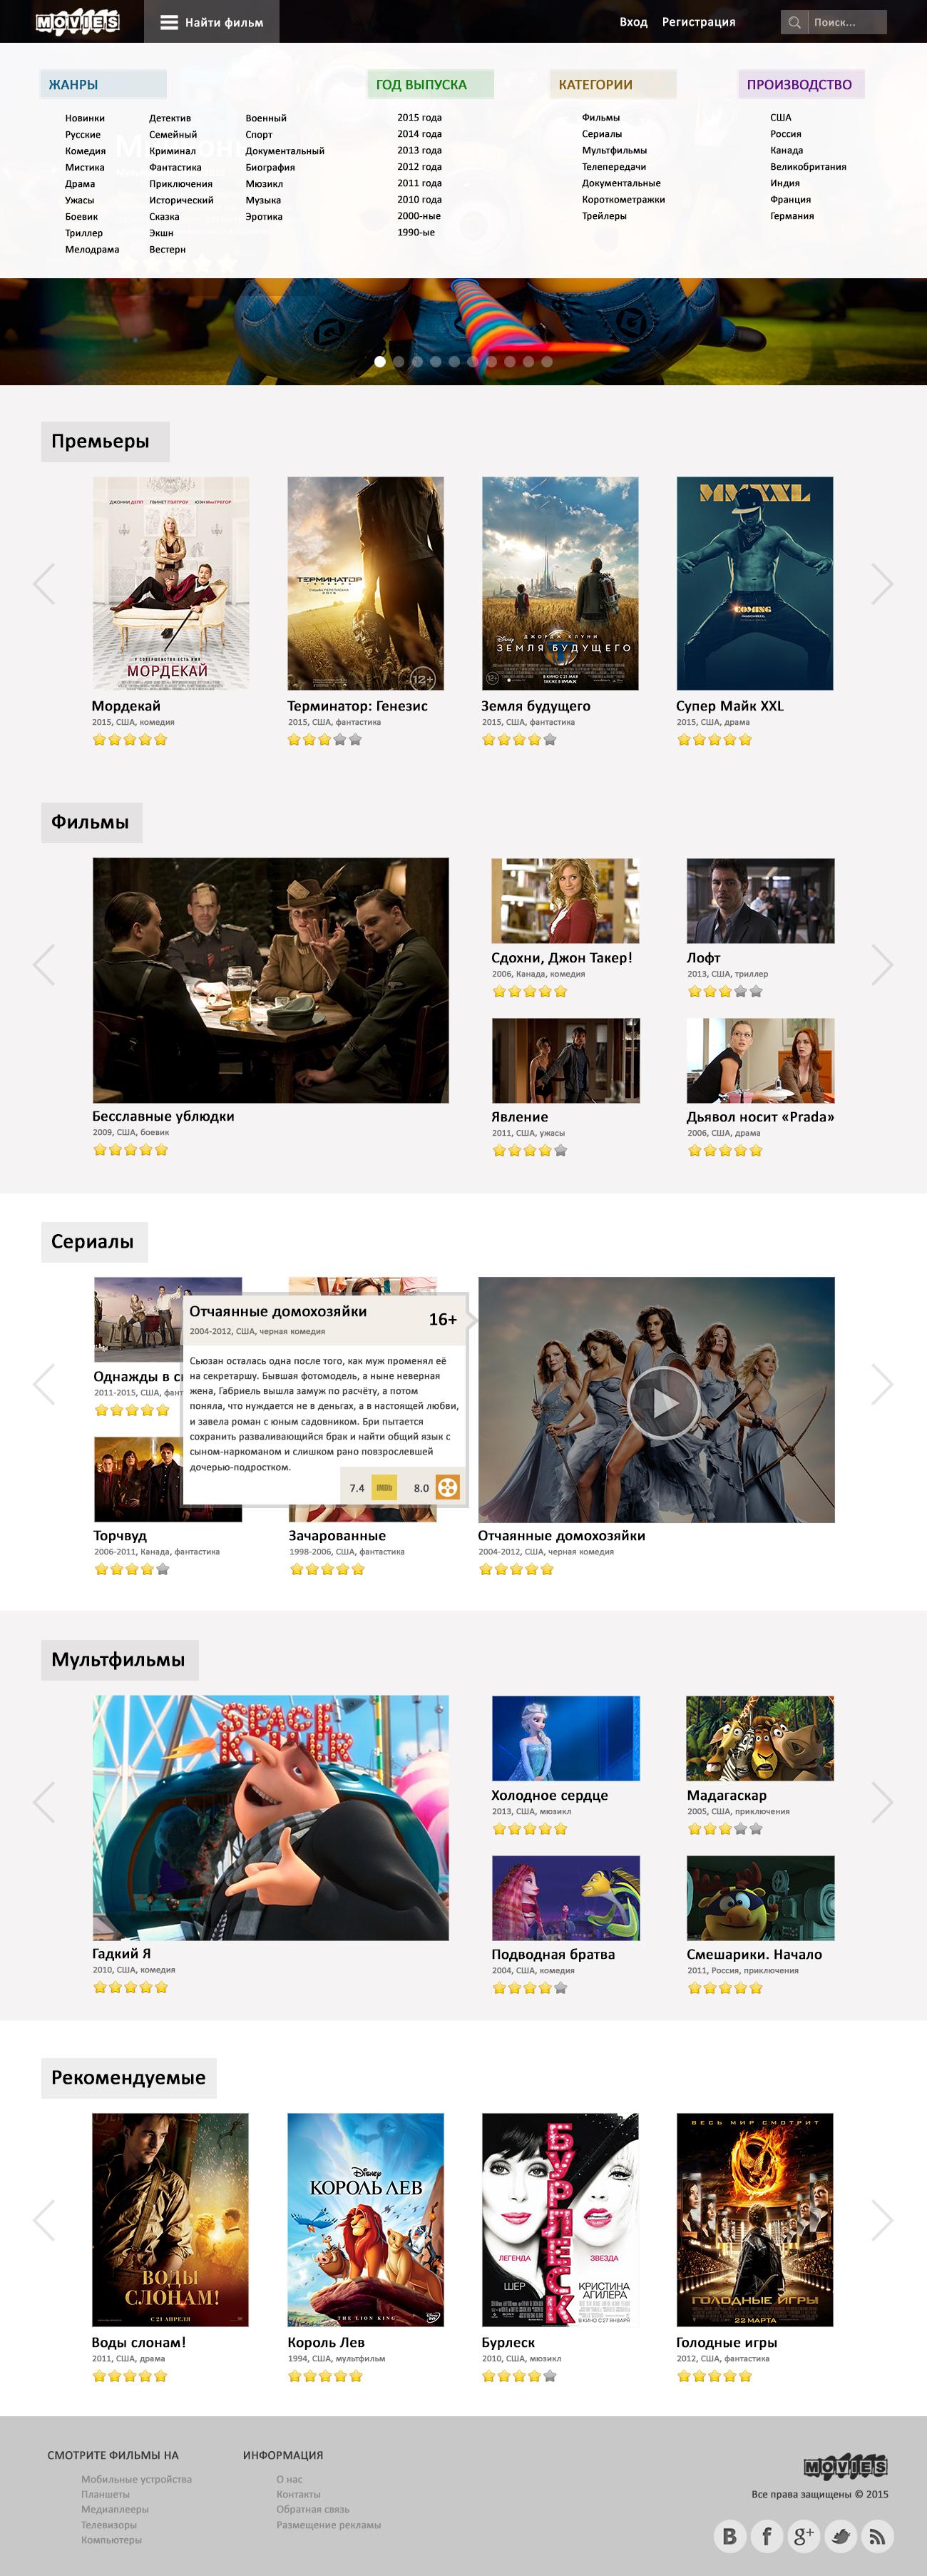 Дизайн для онлайн-кинотеатра фото f_316552996ef075aa.jpg